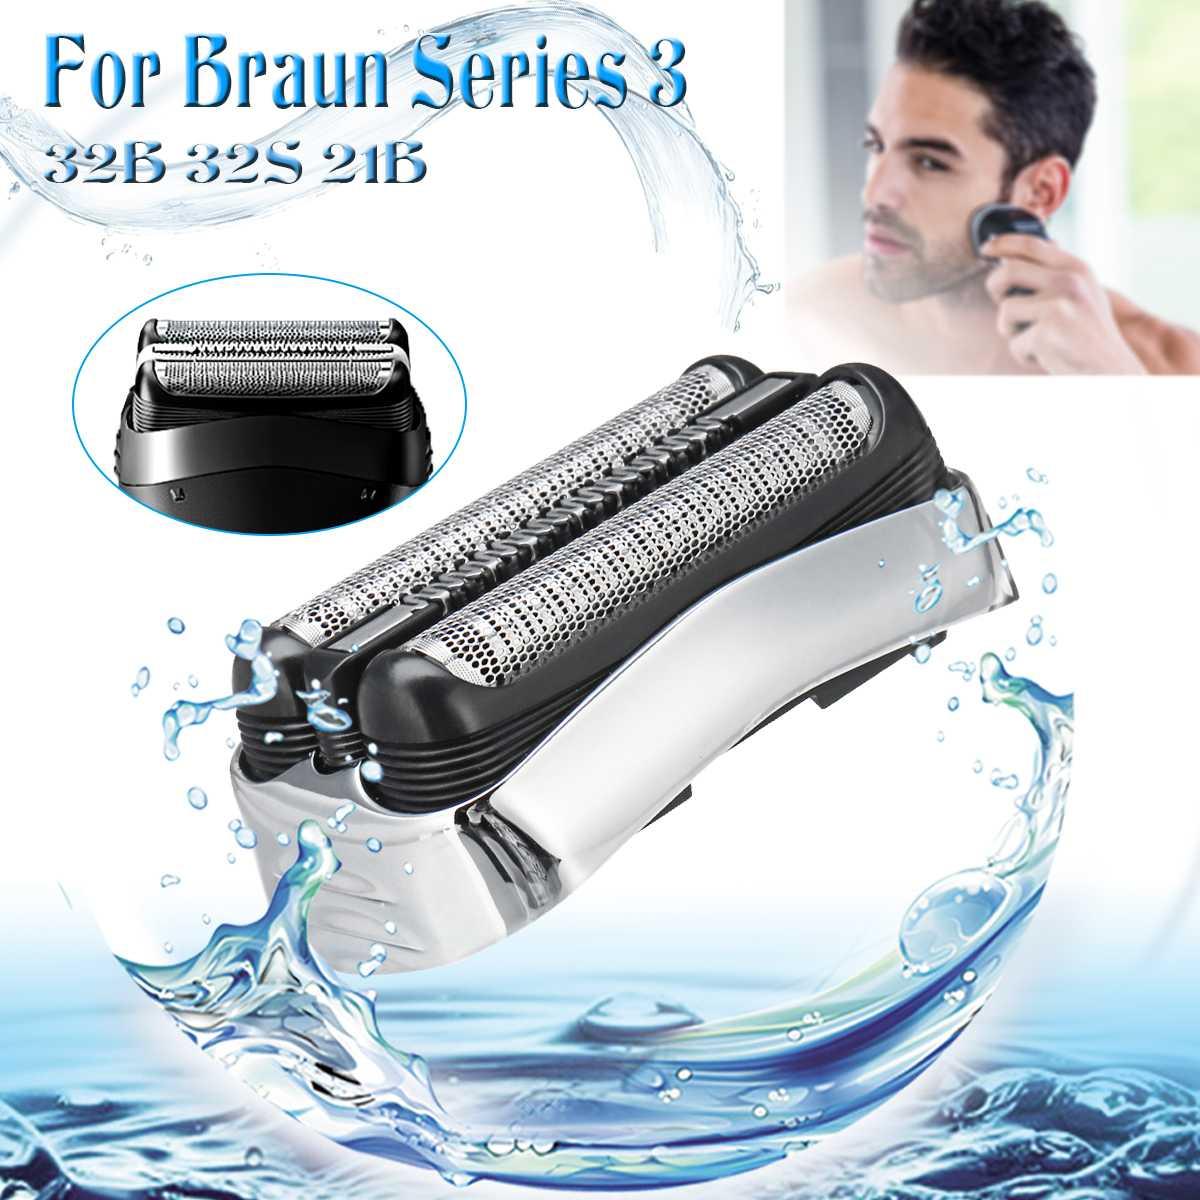 Замена лезвия бритвы Фольга головки для зубных щеток Braun Series 3 21B 32B 32S 310S 320S 340S 360S 3000S 3010S 3020S 3040 350CC 370CC 3050CC|Электробритвы|   | АлиЭкспресс